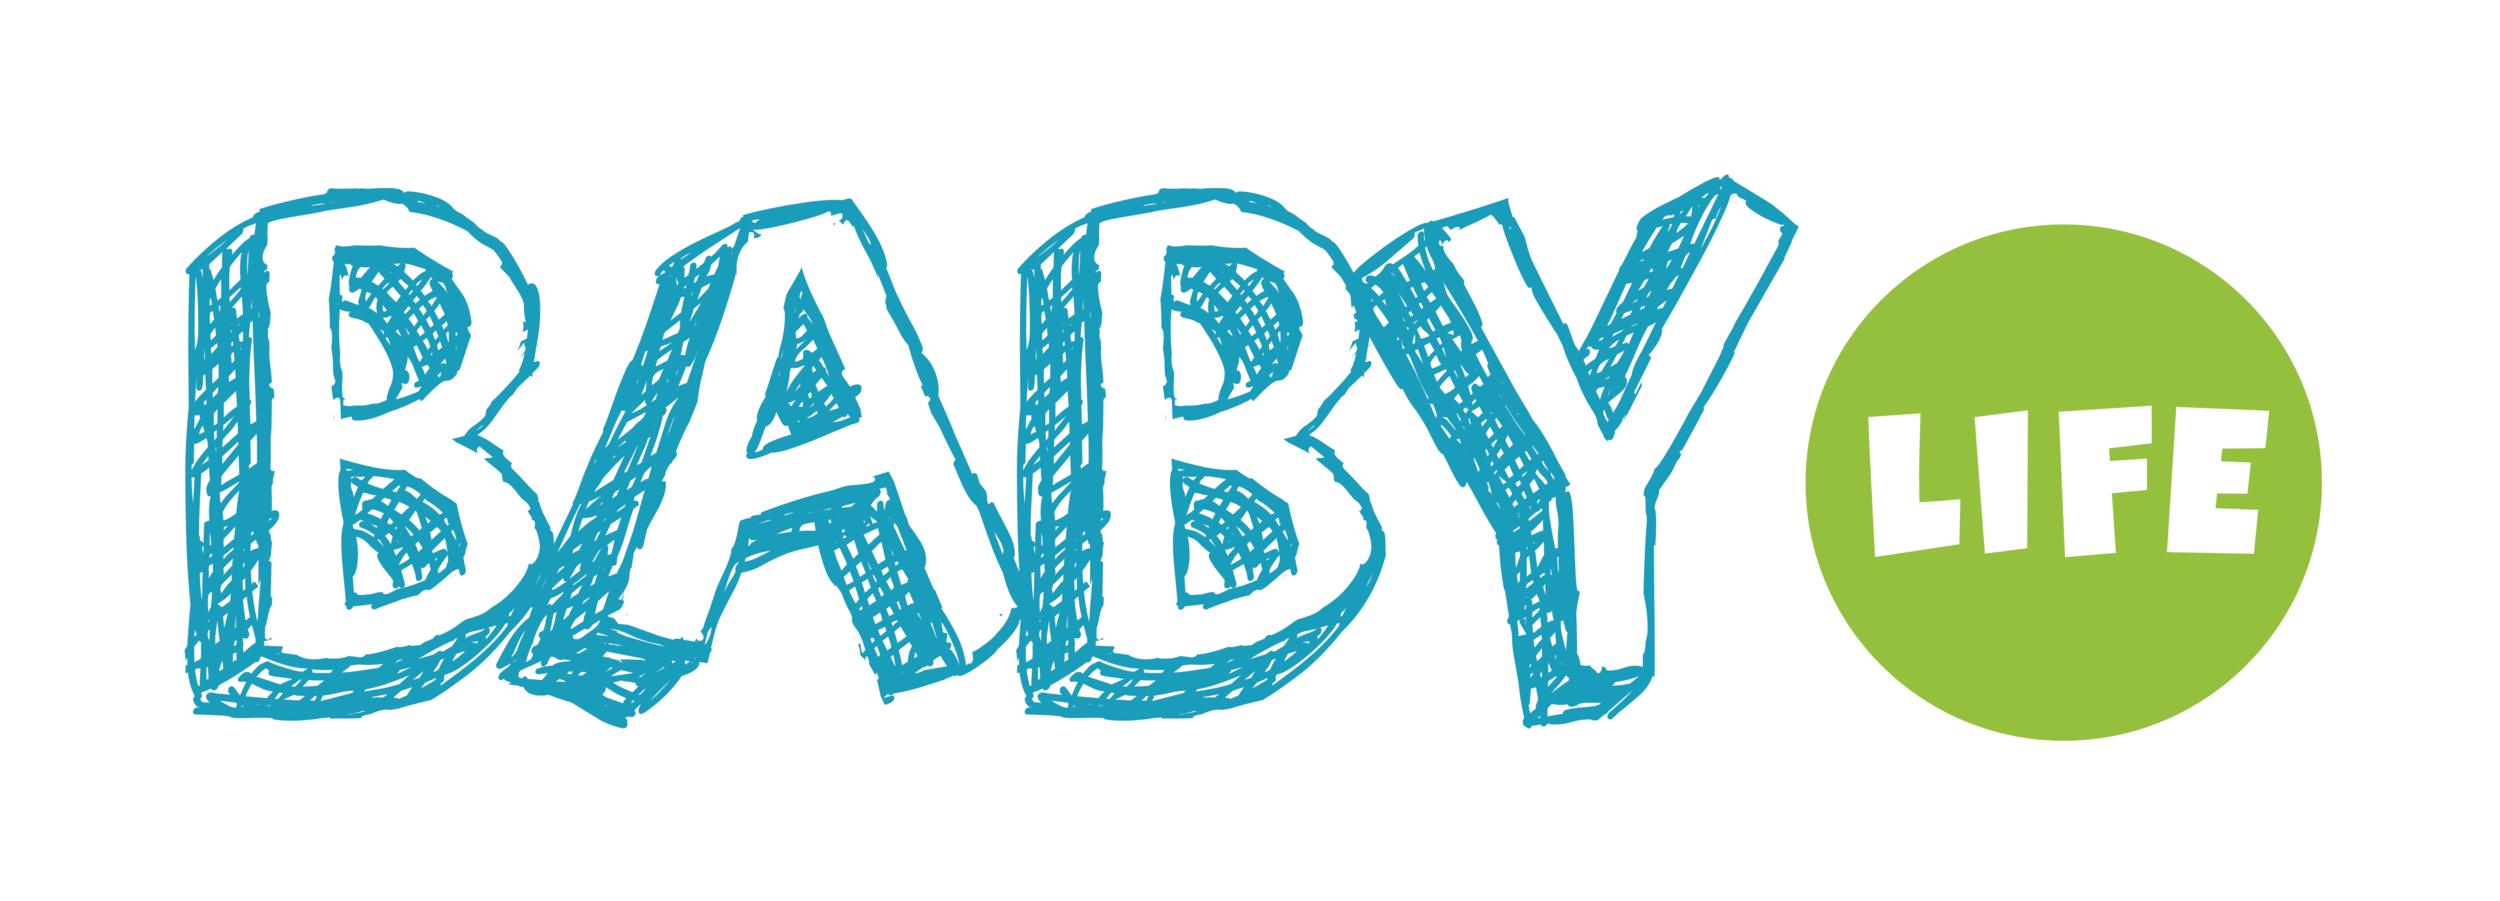 BabyLife_Banner.png